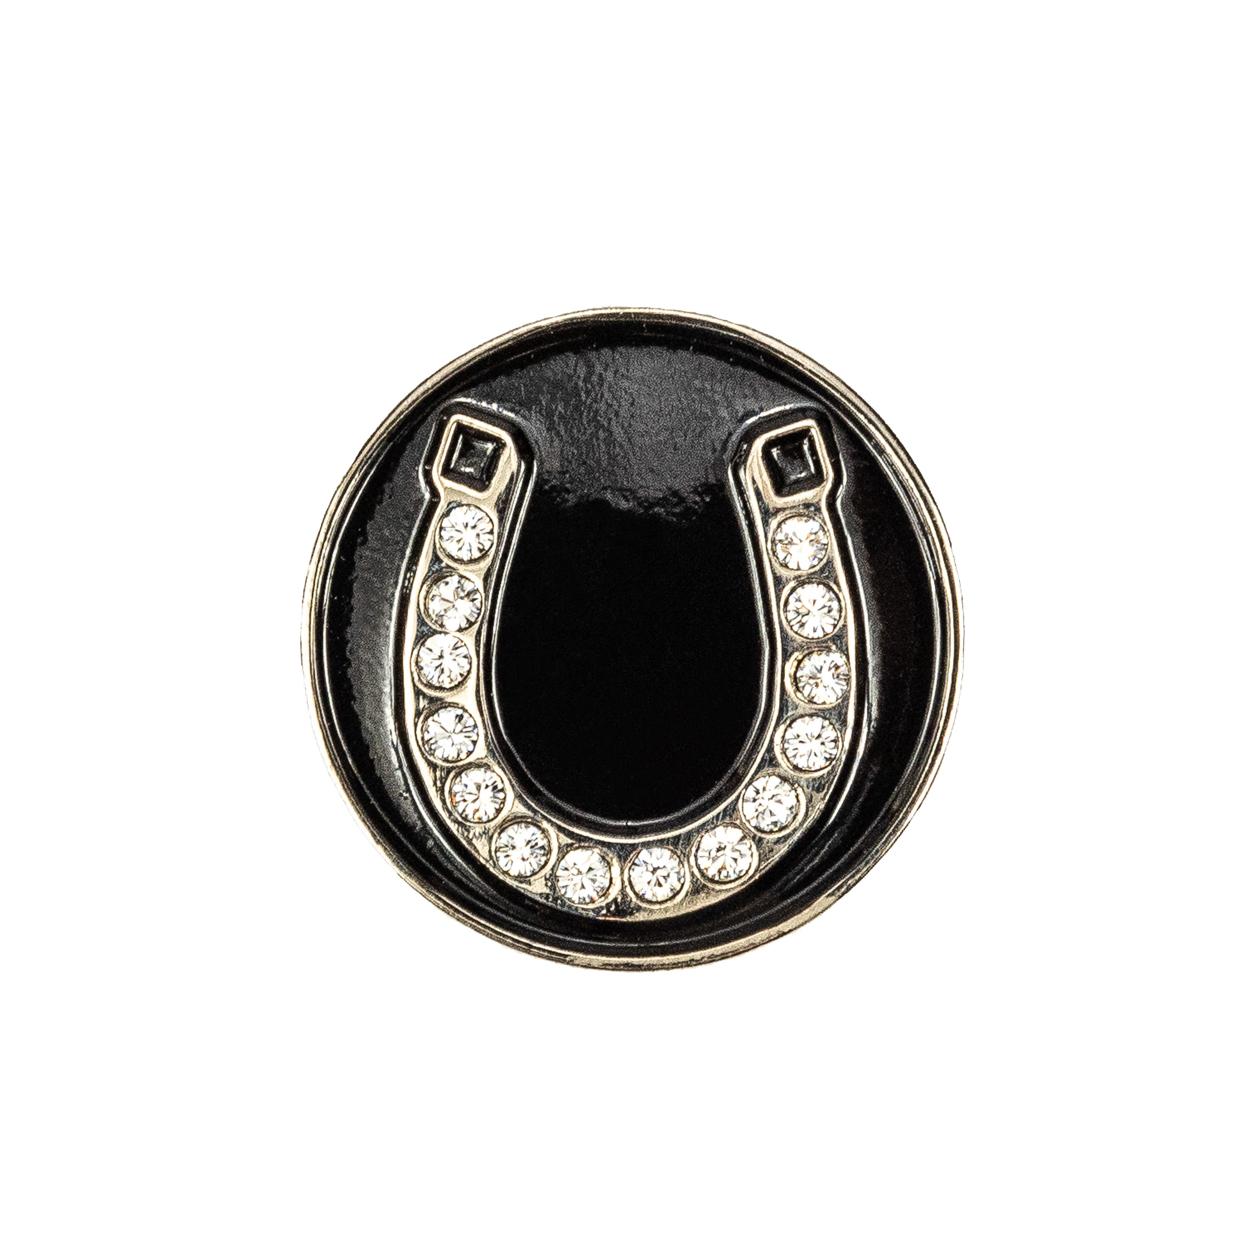 58. Horseshoe Black